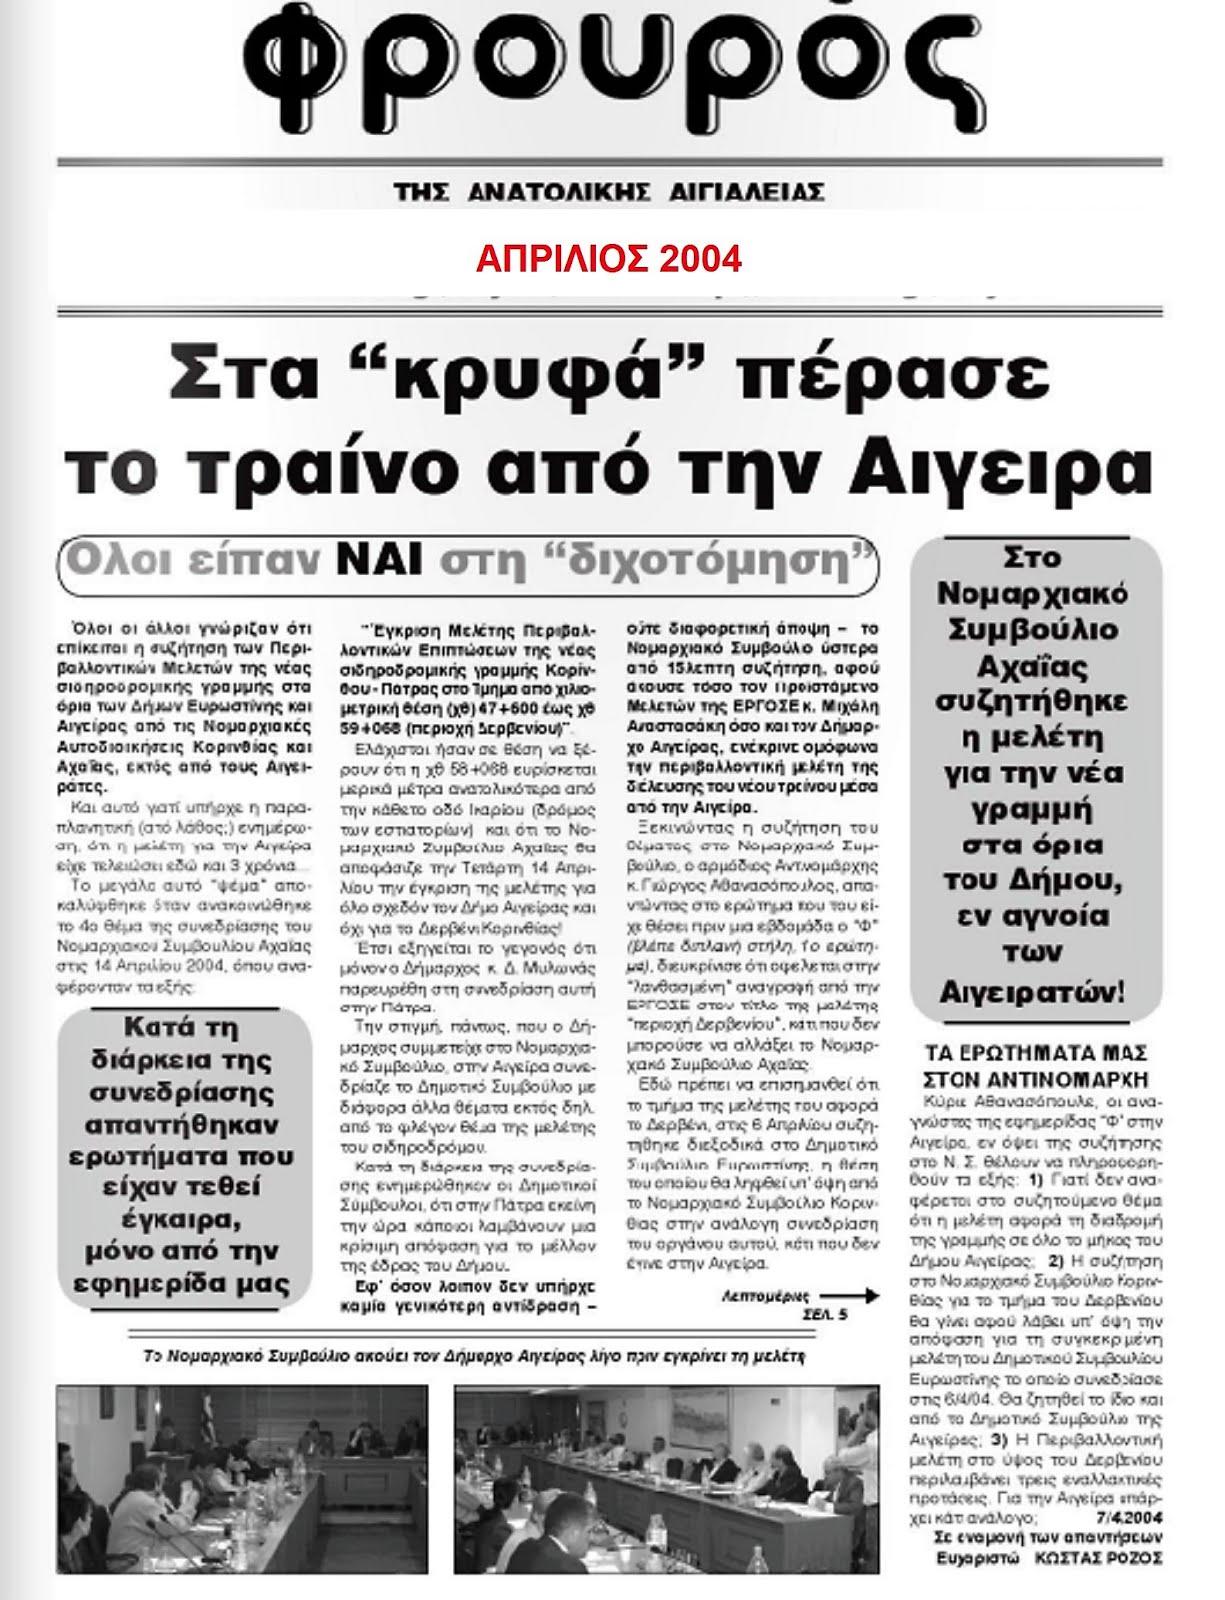 """ΑΠΡ 2004 - Στα """"κρυφά"""" πέρασε το τραίνο από την Αιγείρα!"""